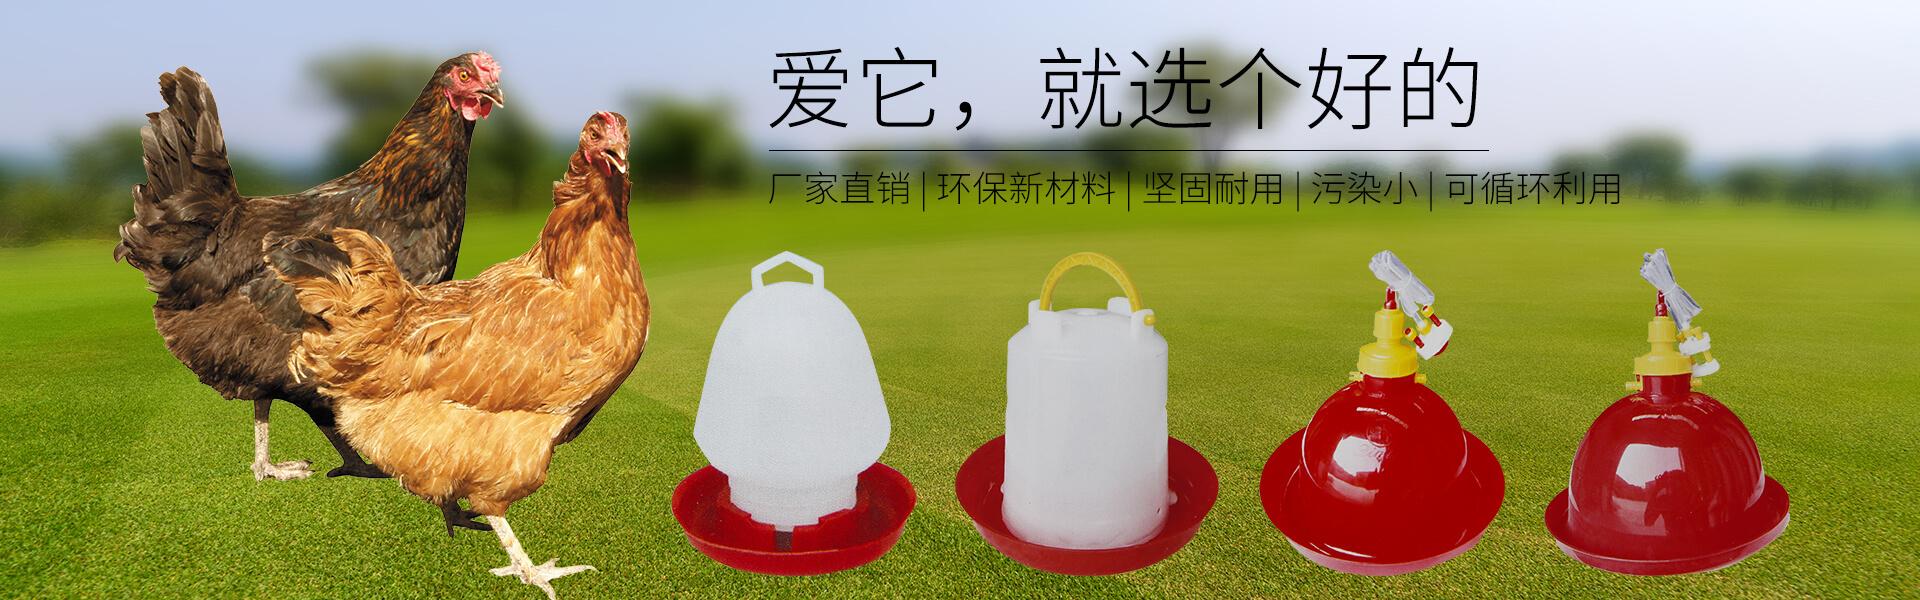 鸡鸭养殖塑料平网,塑料平网厂家,鸡鸭用料槽,鸡鸭用料桶